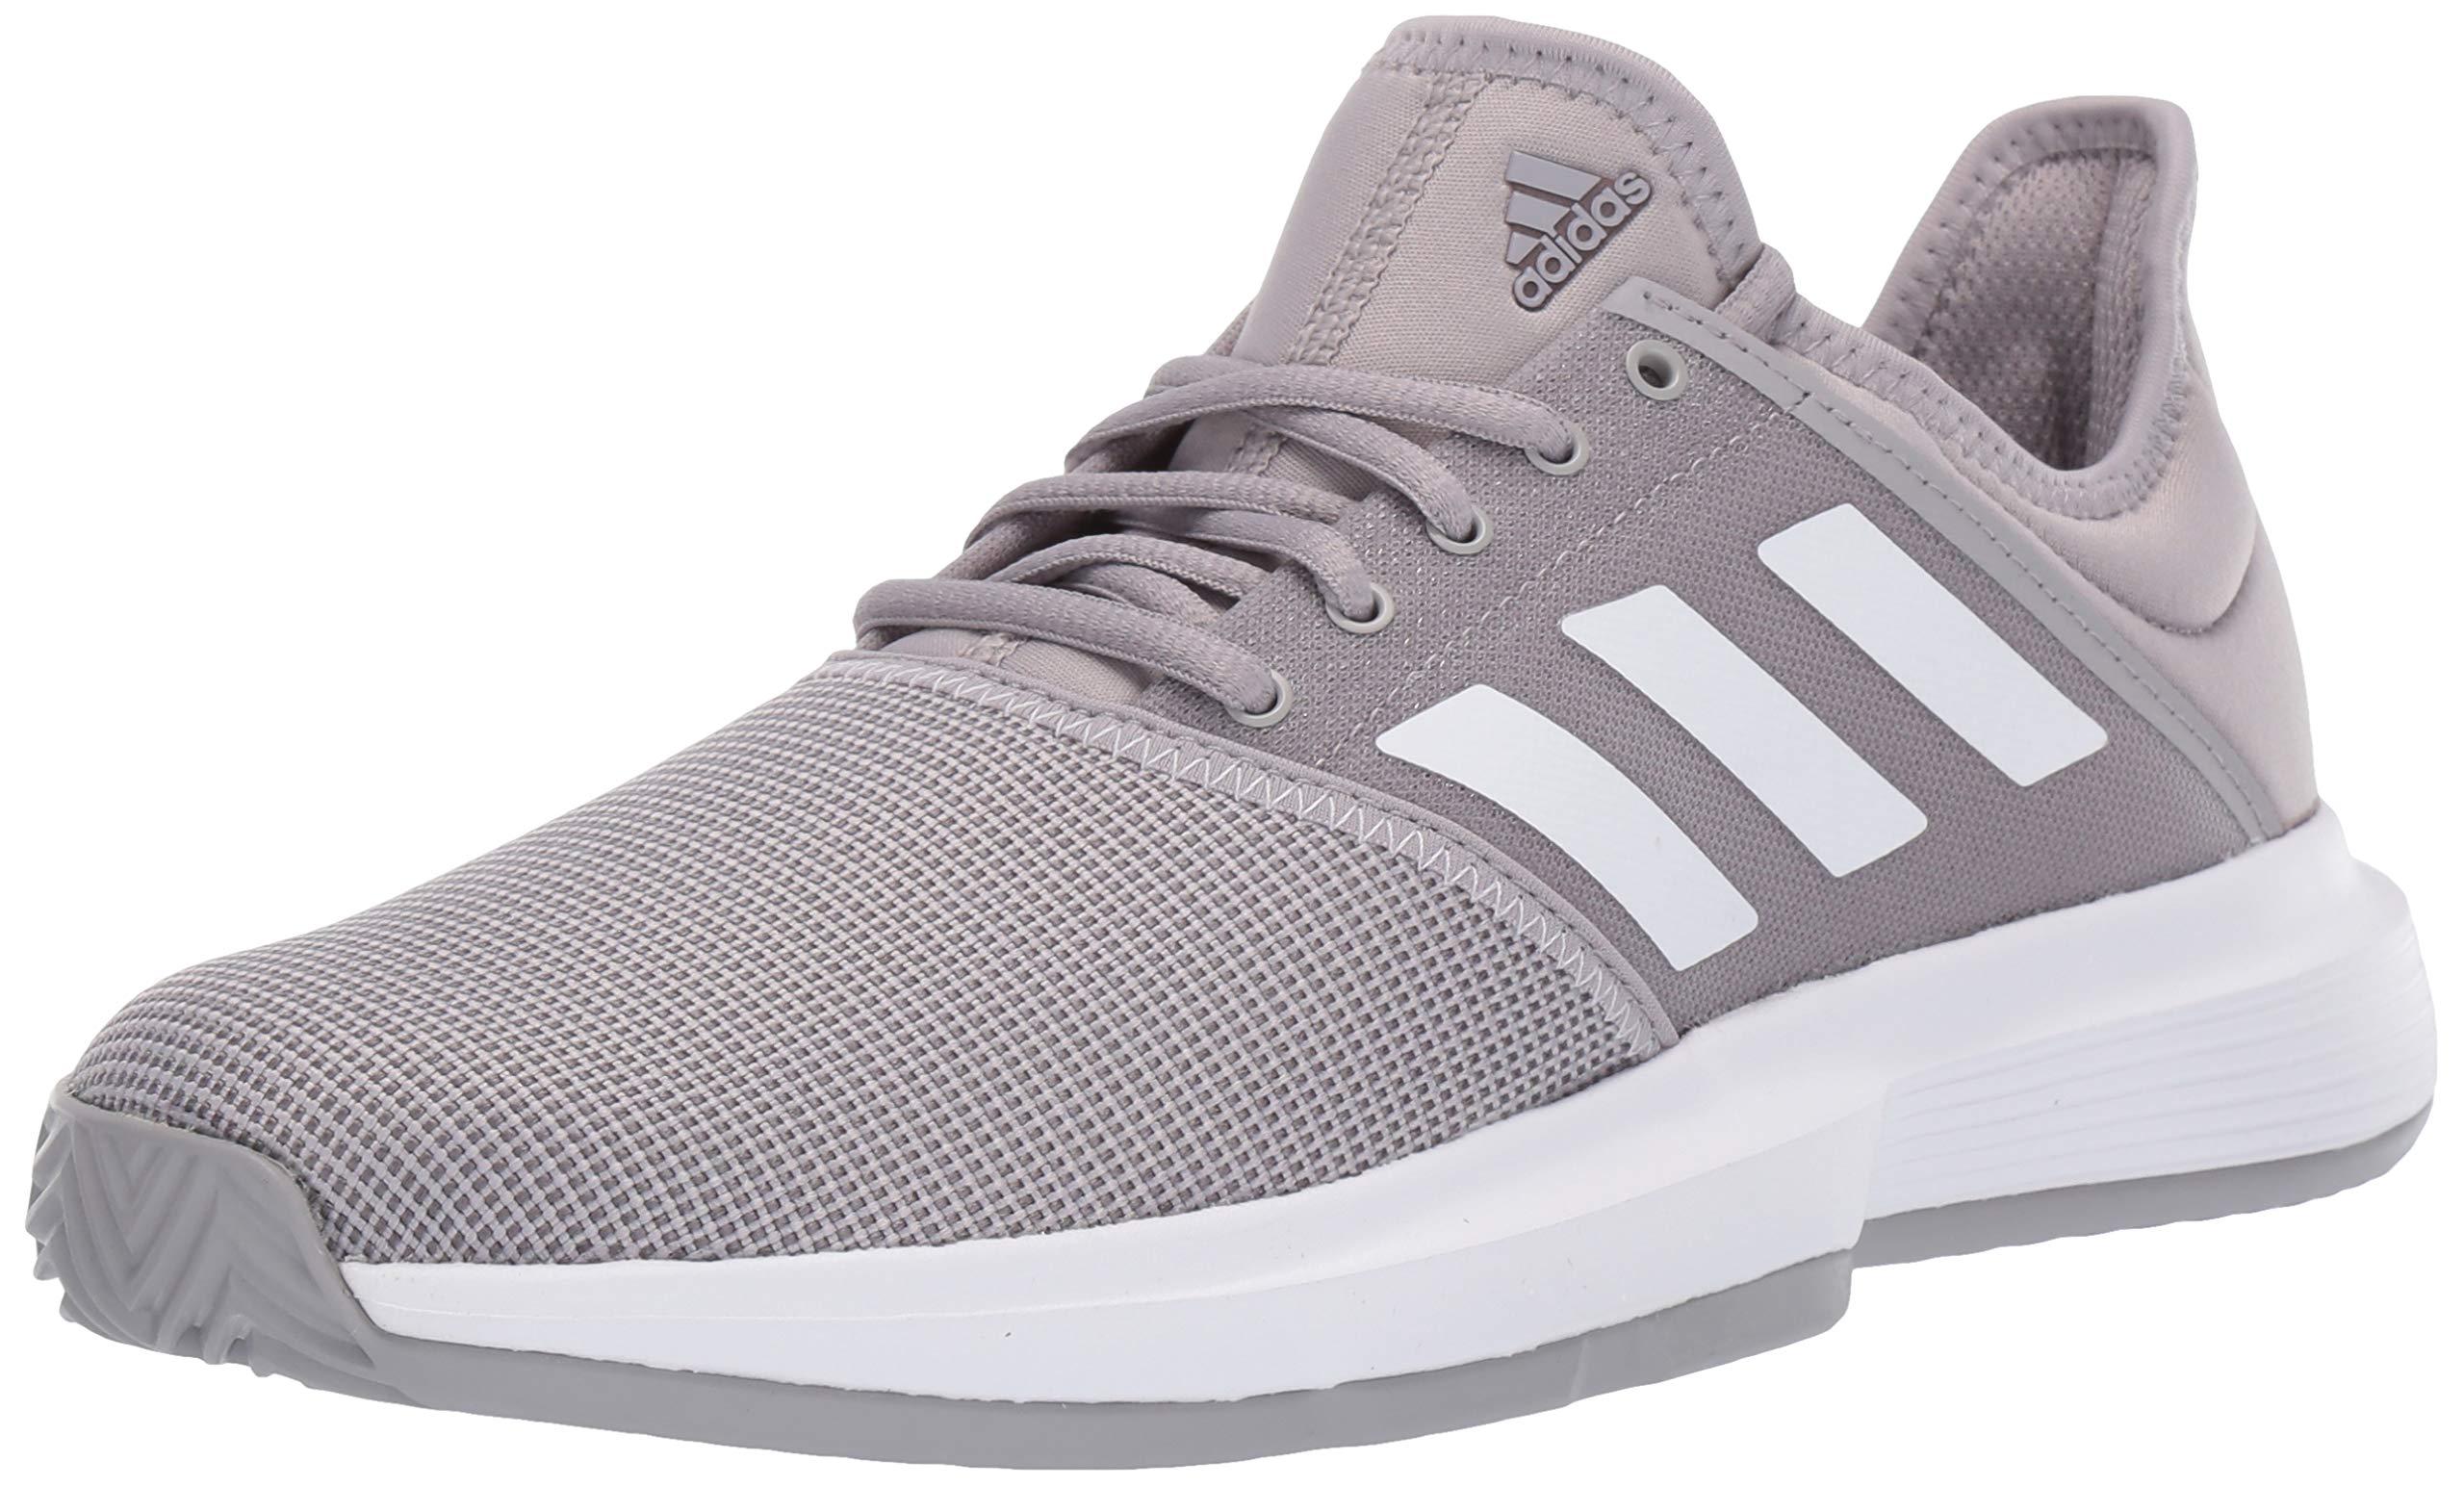 adidas Women's Gamecourt, Light Granite/White/Grey 8 M US by adidas